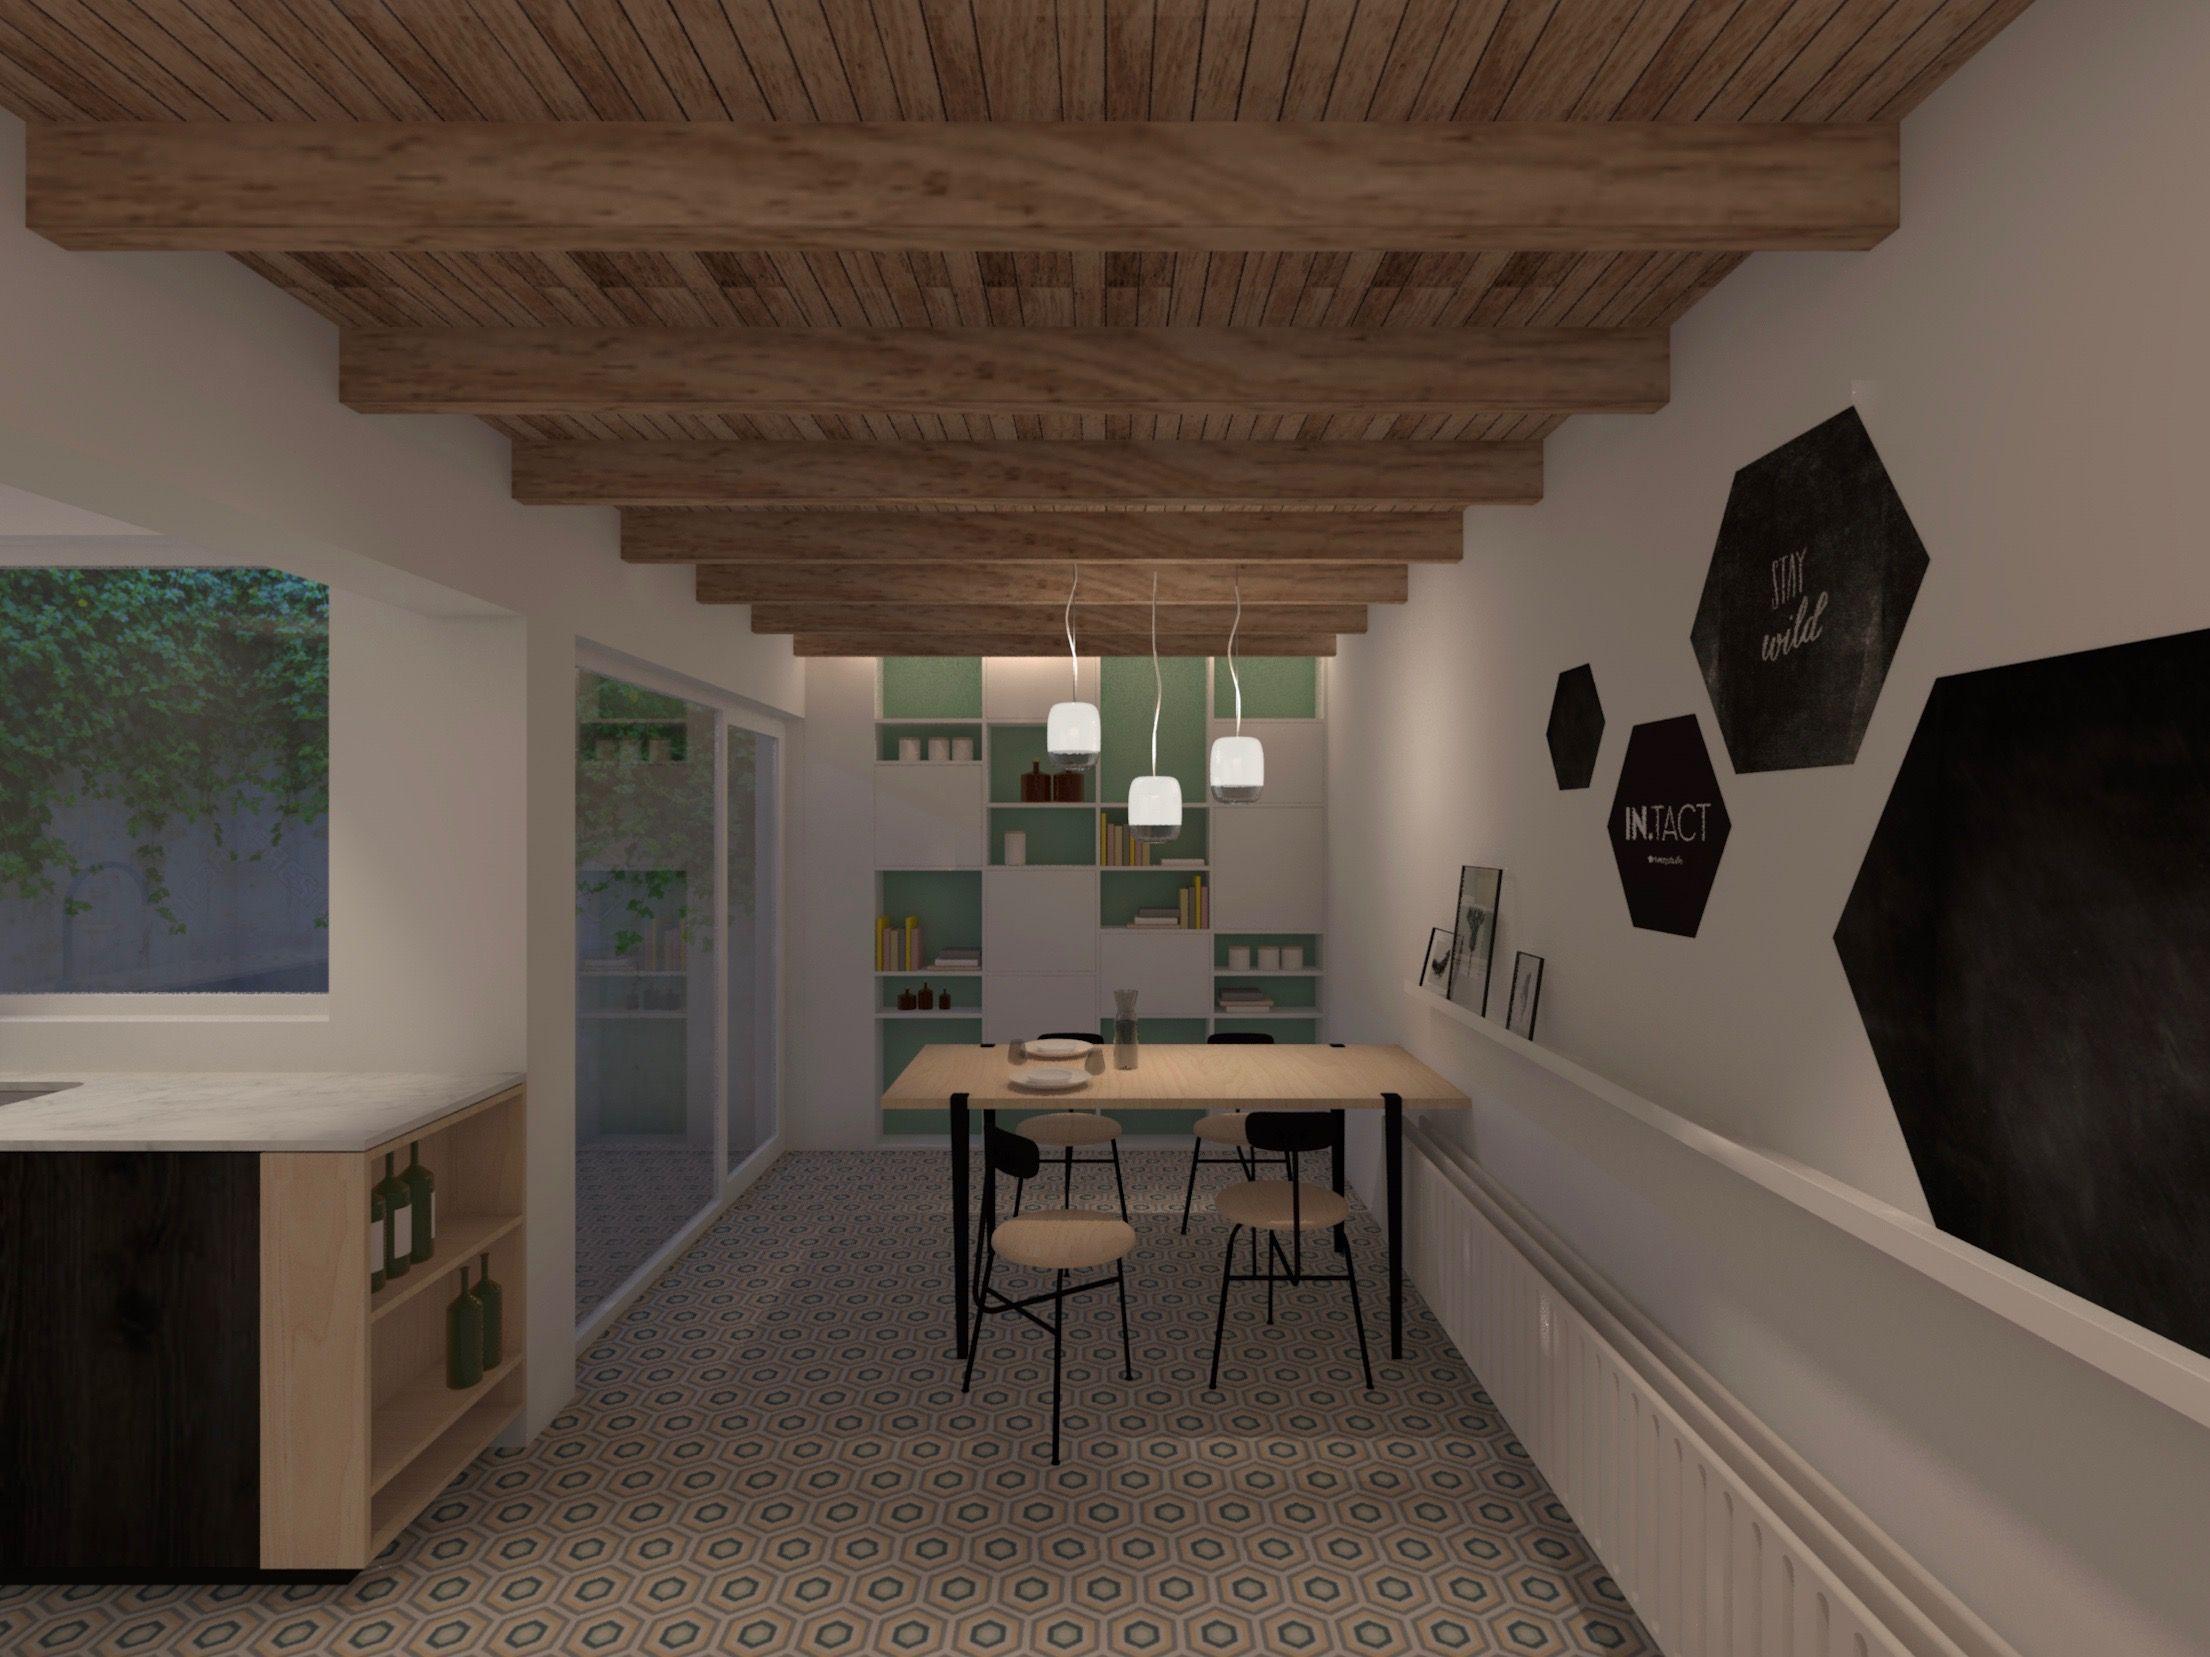 Design Keuken Gent : Keuken gent u2013 in.tact in tact ontwerpstudio pinterest